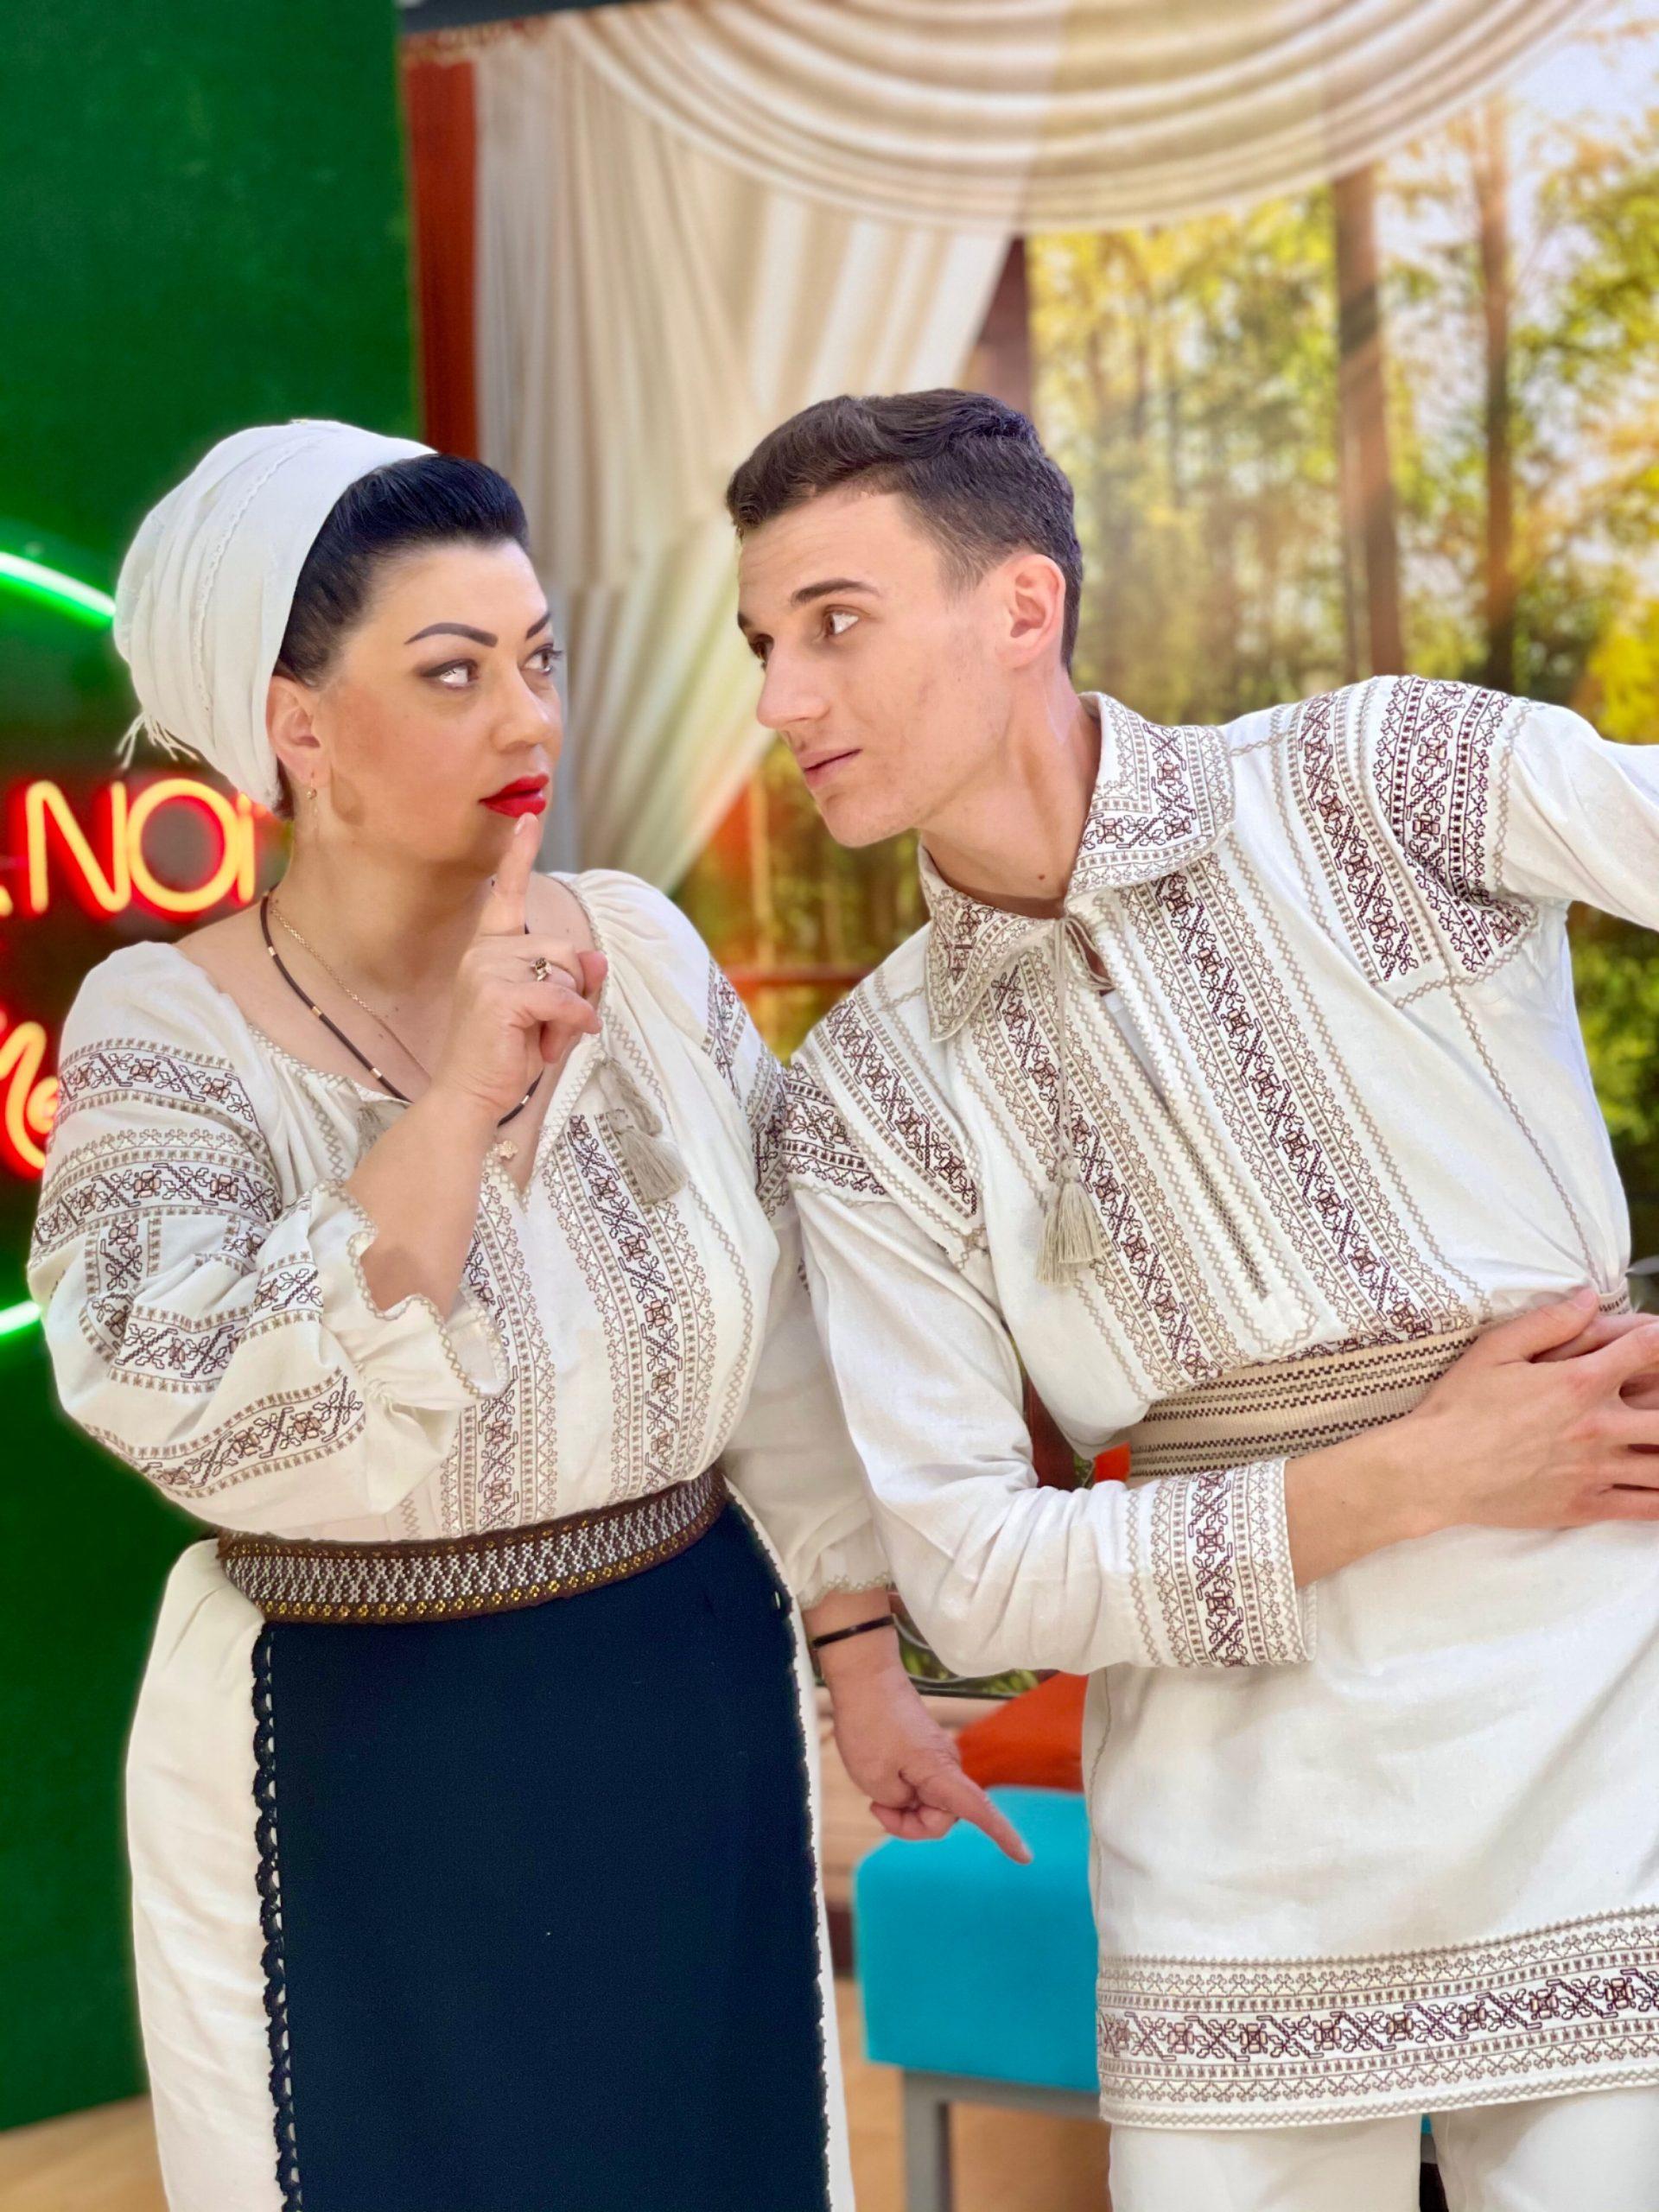 """""""𝗣𝗼𝗳𝘁𝗶𝗺 𝗹𝗮 𝗡𝗼𝗶"""" 𝗰𝘂 𝗗𝗼𝗶𝗻𝗮 ș𝗶 𝗡𝗲𝗕𝘂𝗻𝘂 – Invitați:  Veronica Cheltuială și Dumitru Cojuhari."""